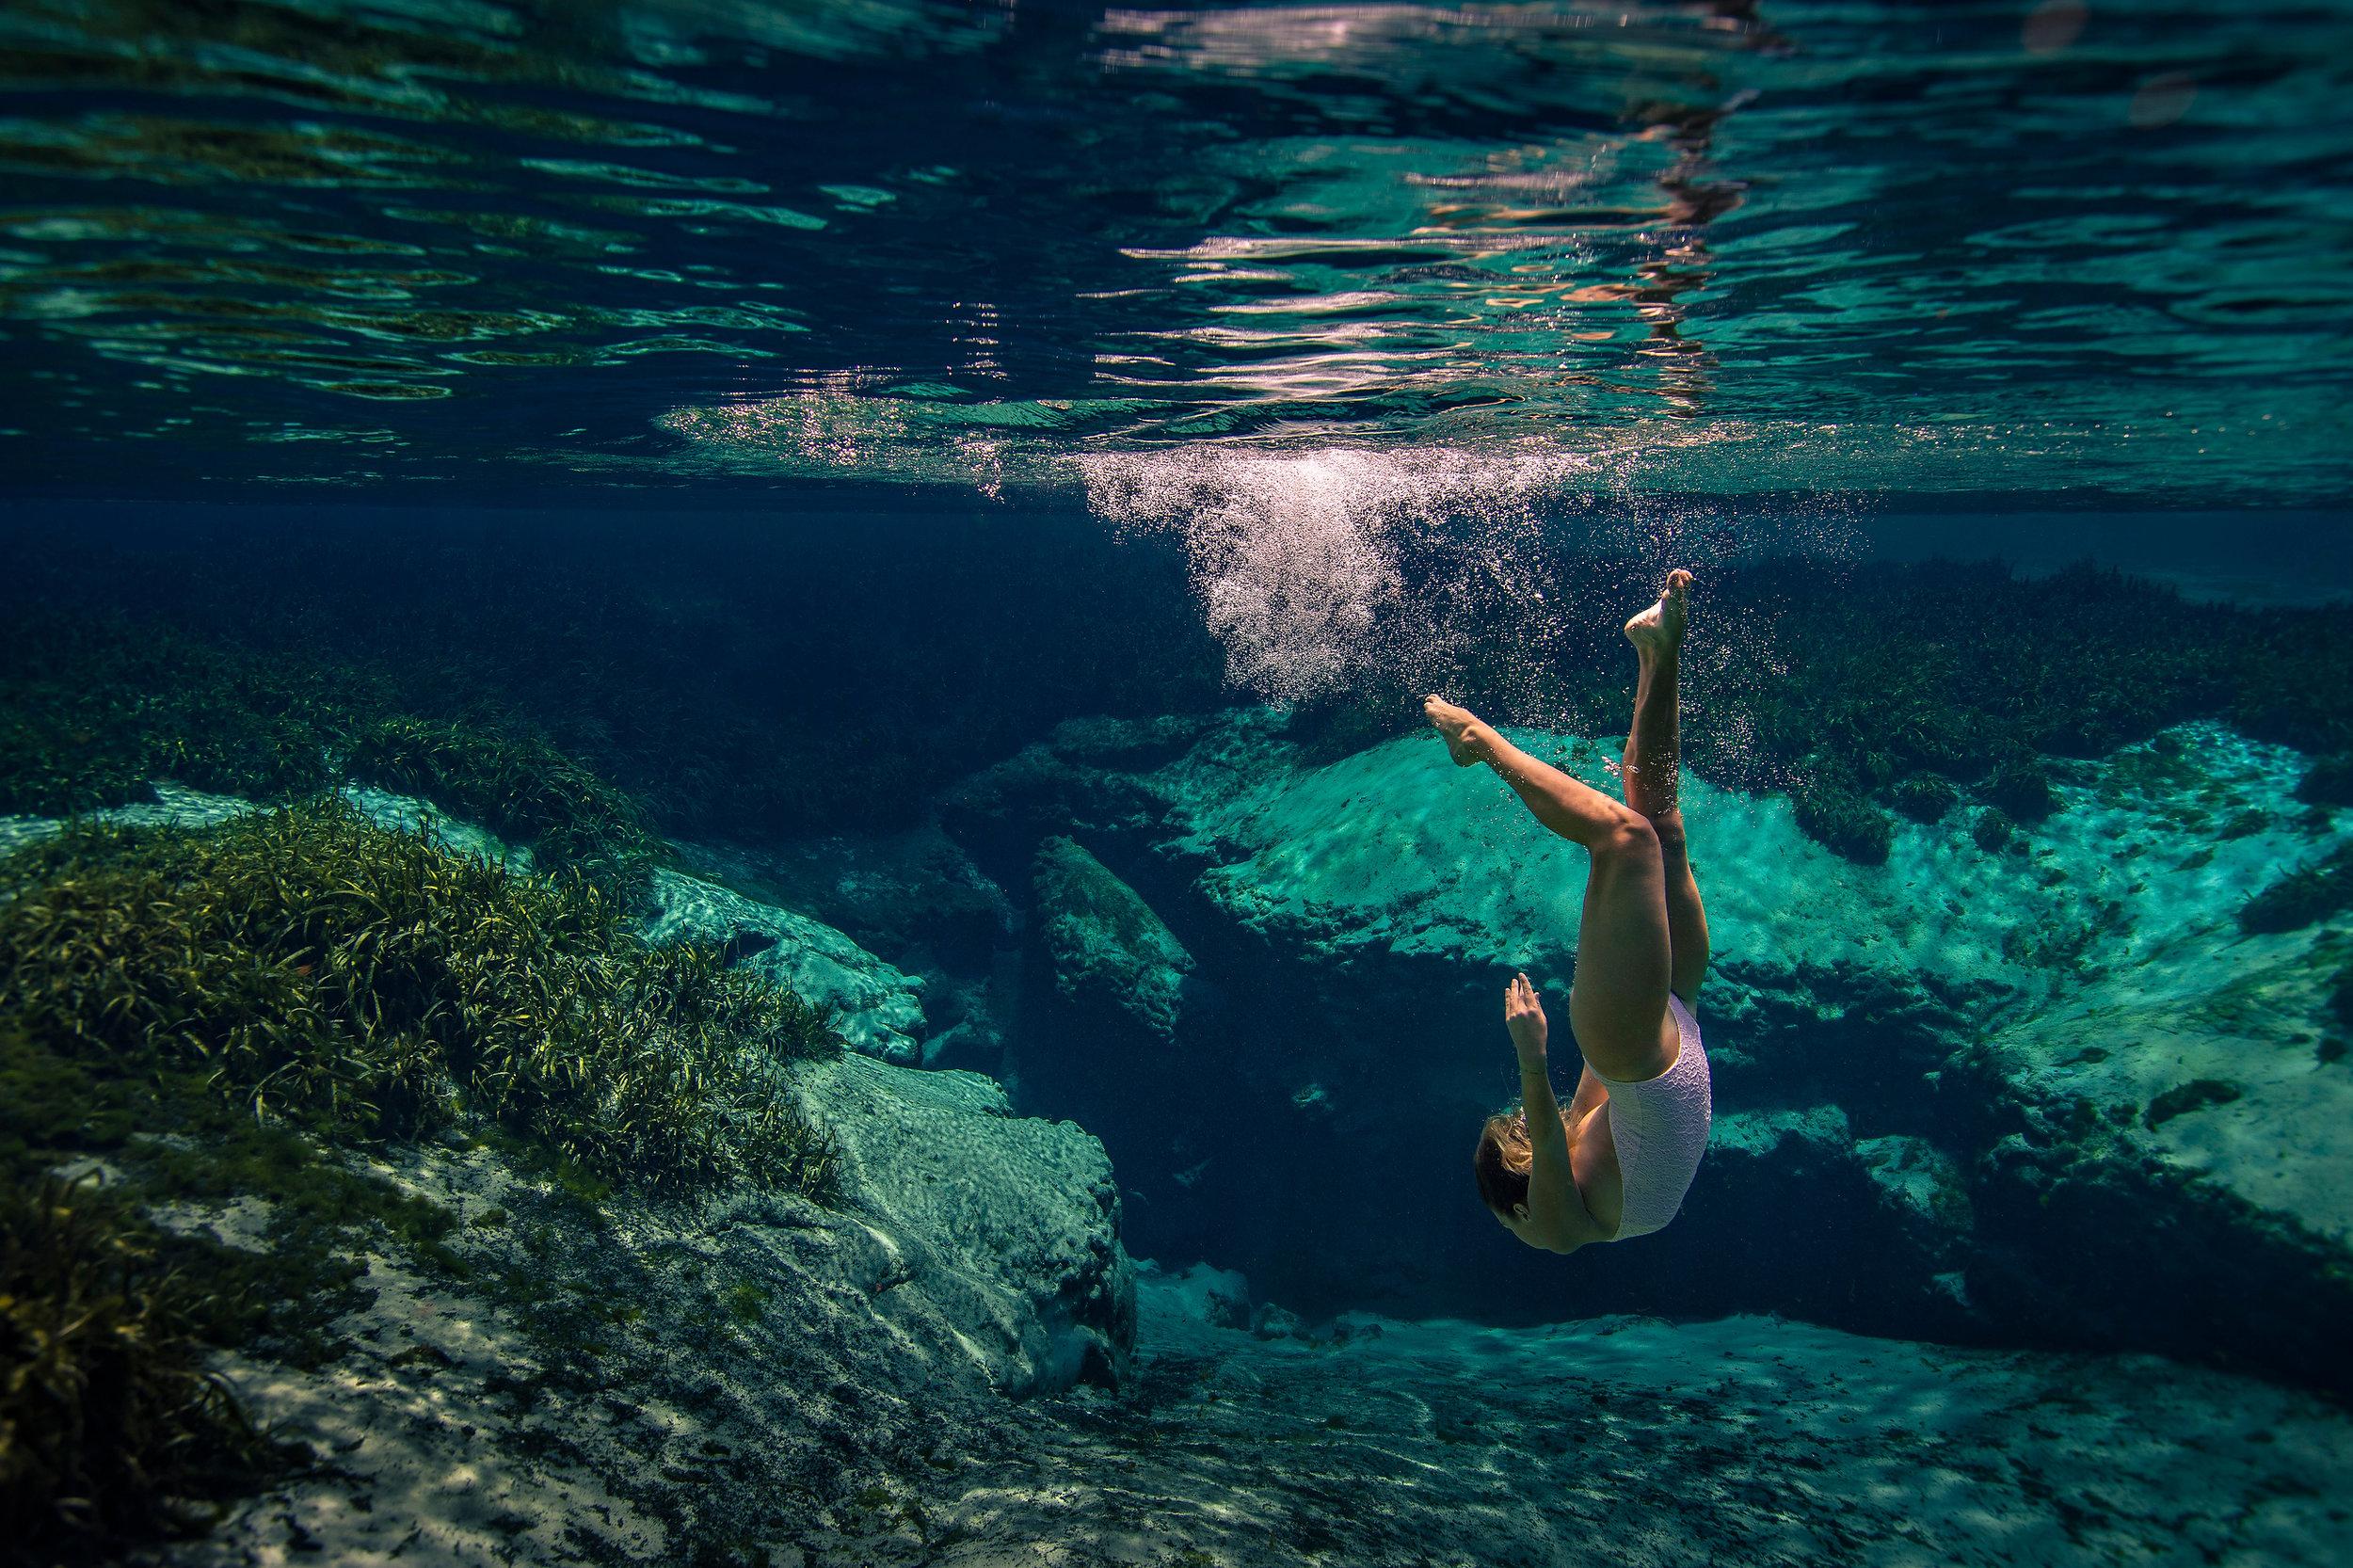 water-fashion-photography-scheffer-02